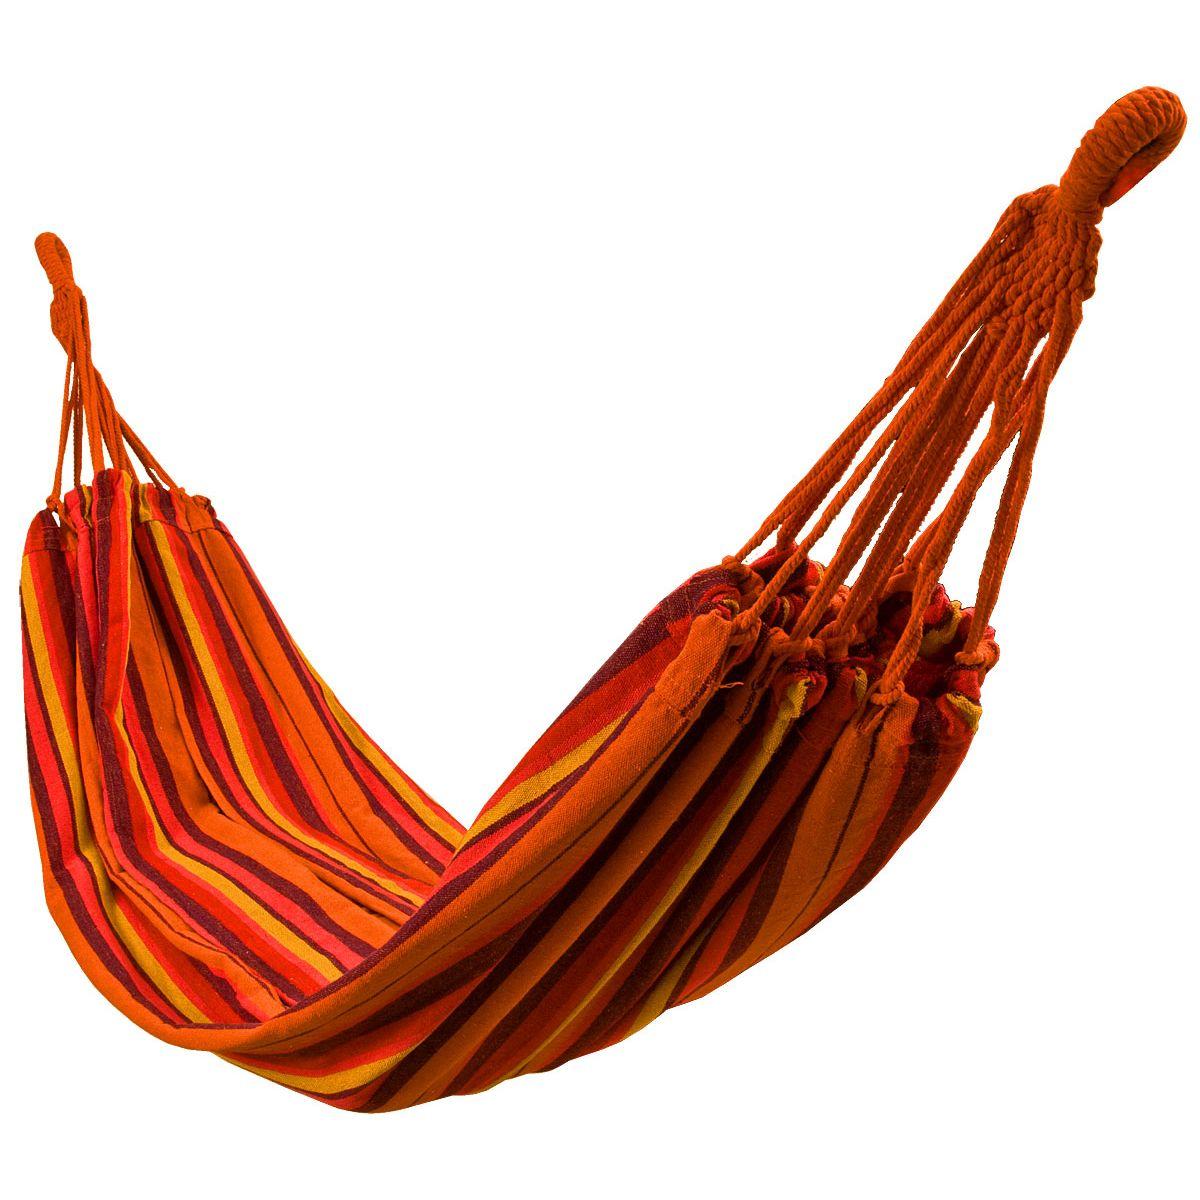 Royokamp dupla függőágy 2 fő részére, tárolózsákkal, 200x150cm méret, kapacitás 150kg, narancssárga szín T4Ed2J